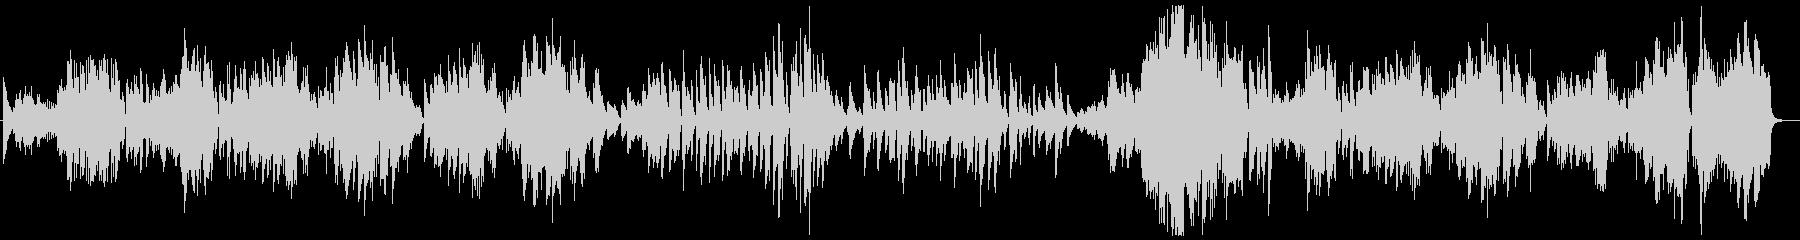 ショパン「子犬のワルツ」高音質の未再生の波形